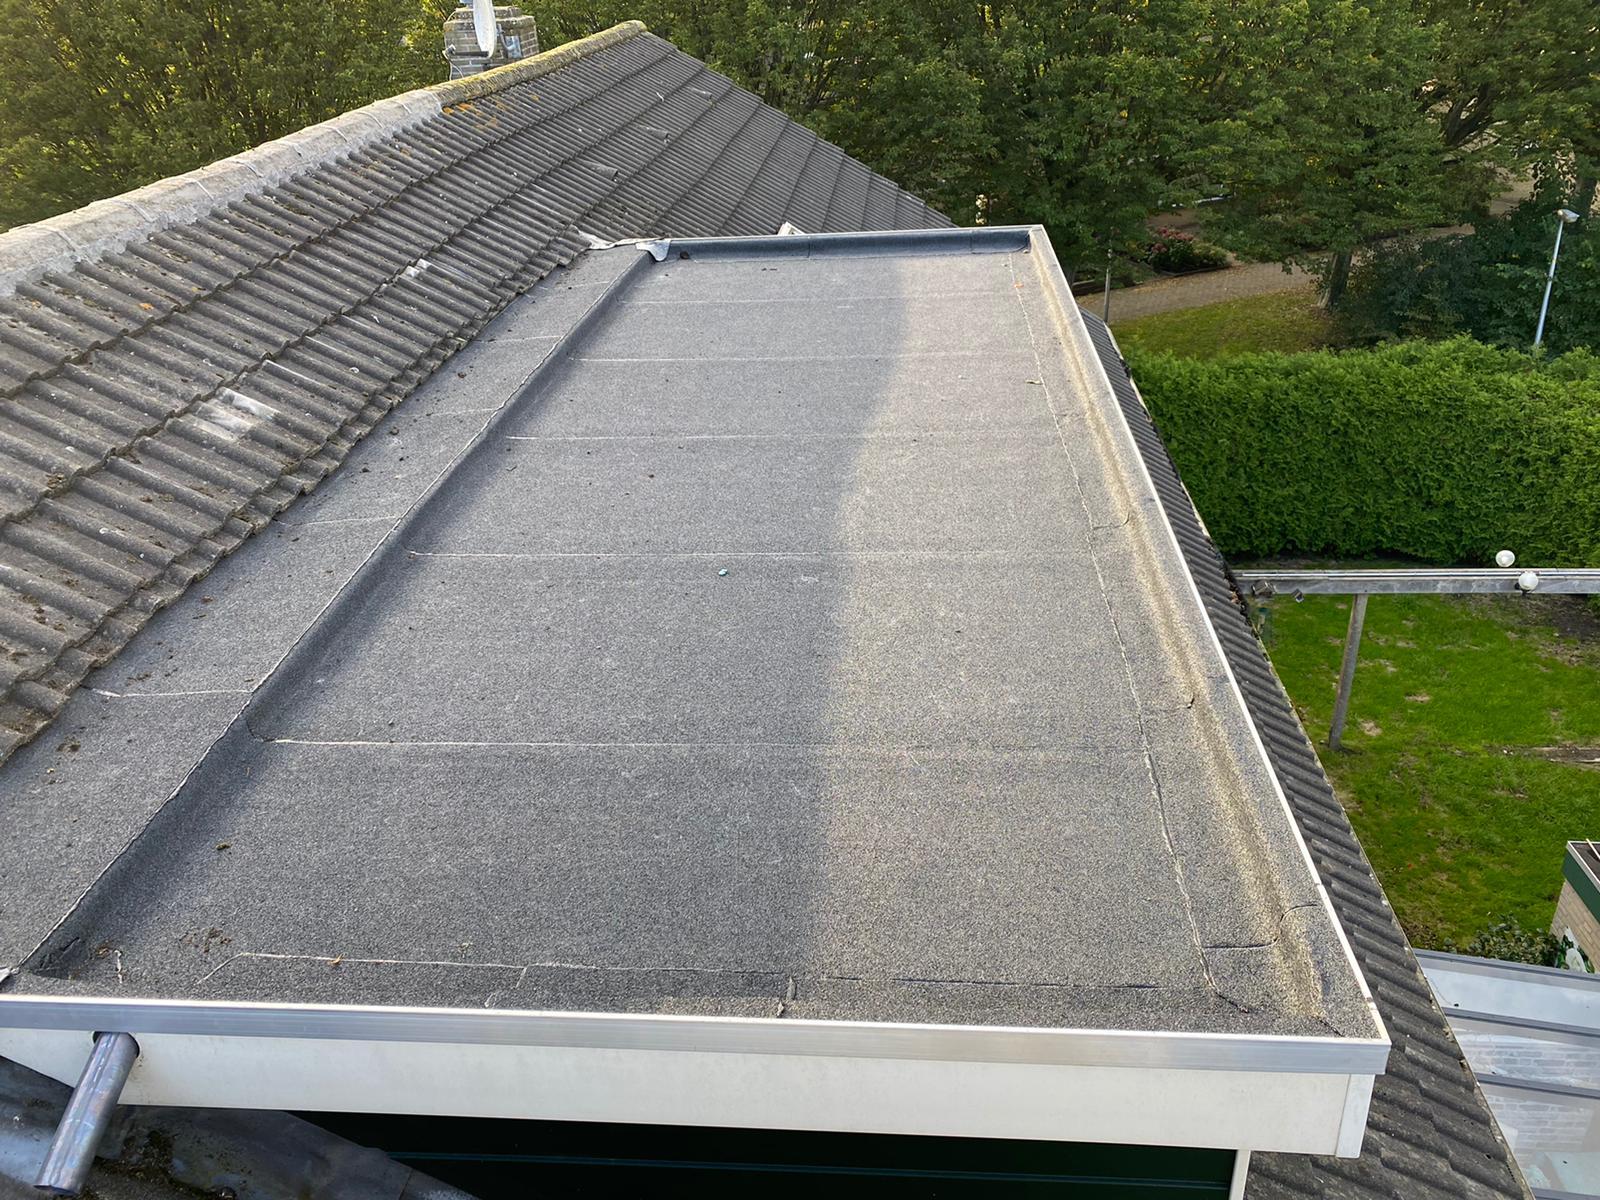 Purmerend - Nieuwe dakbedekking met onderlaag en toplaag, nieuwe nokpannen en schoorsteen inpakken